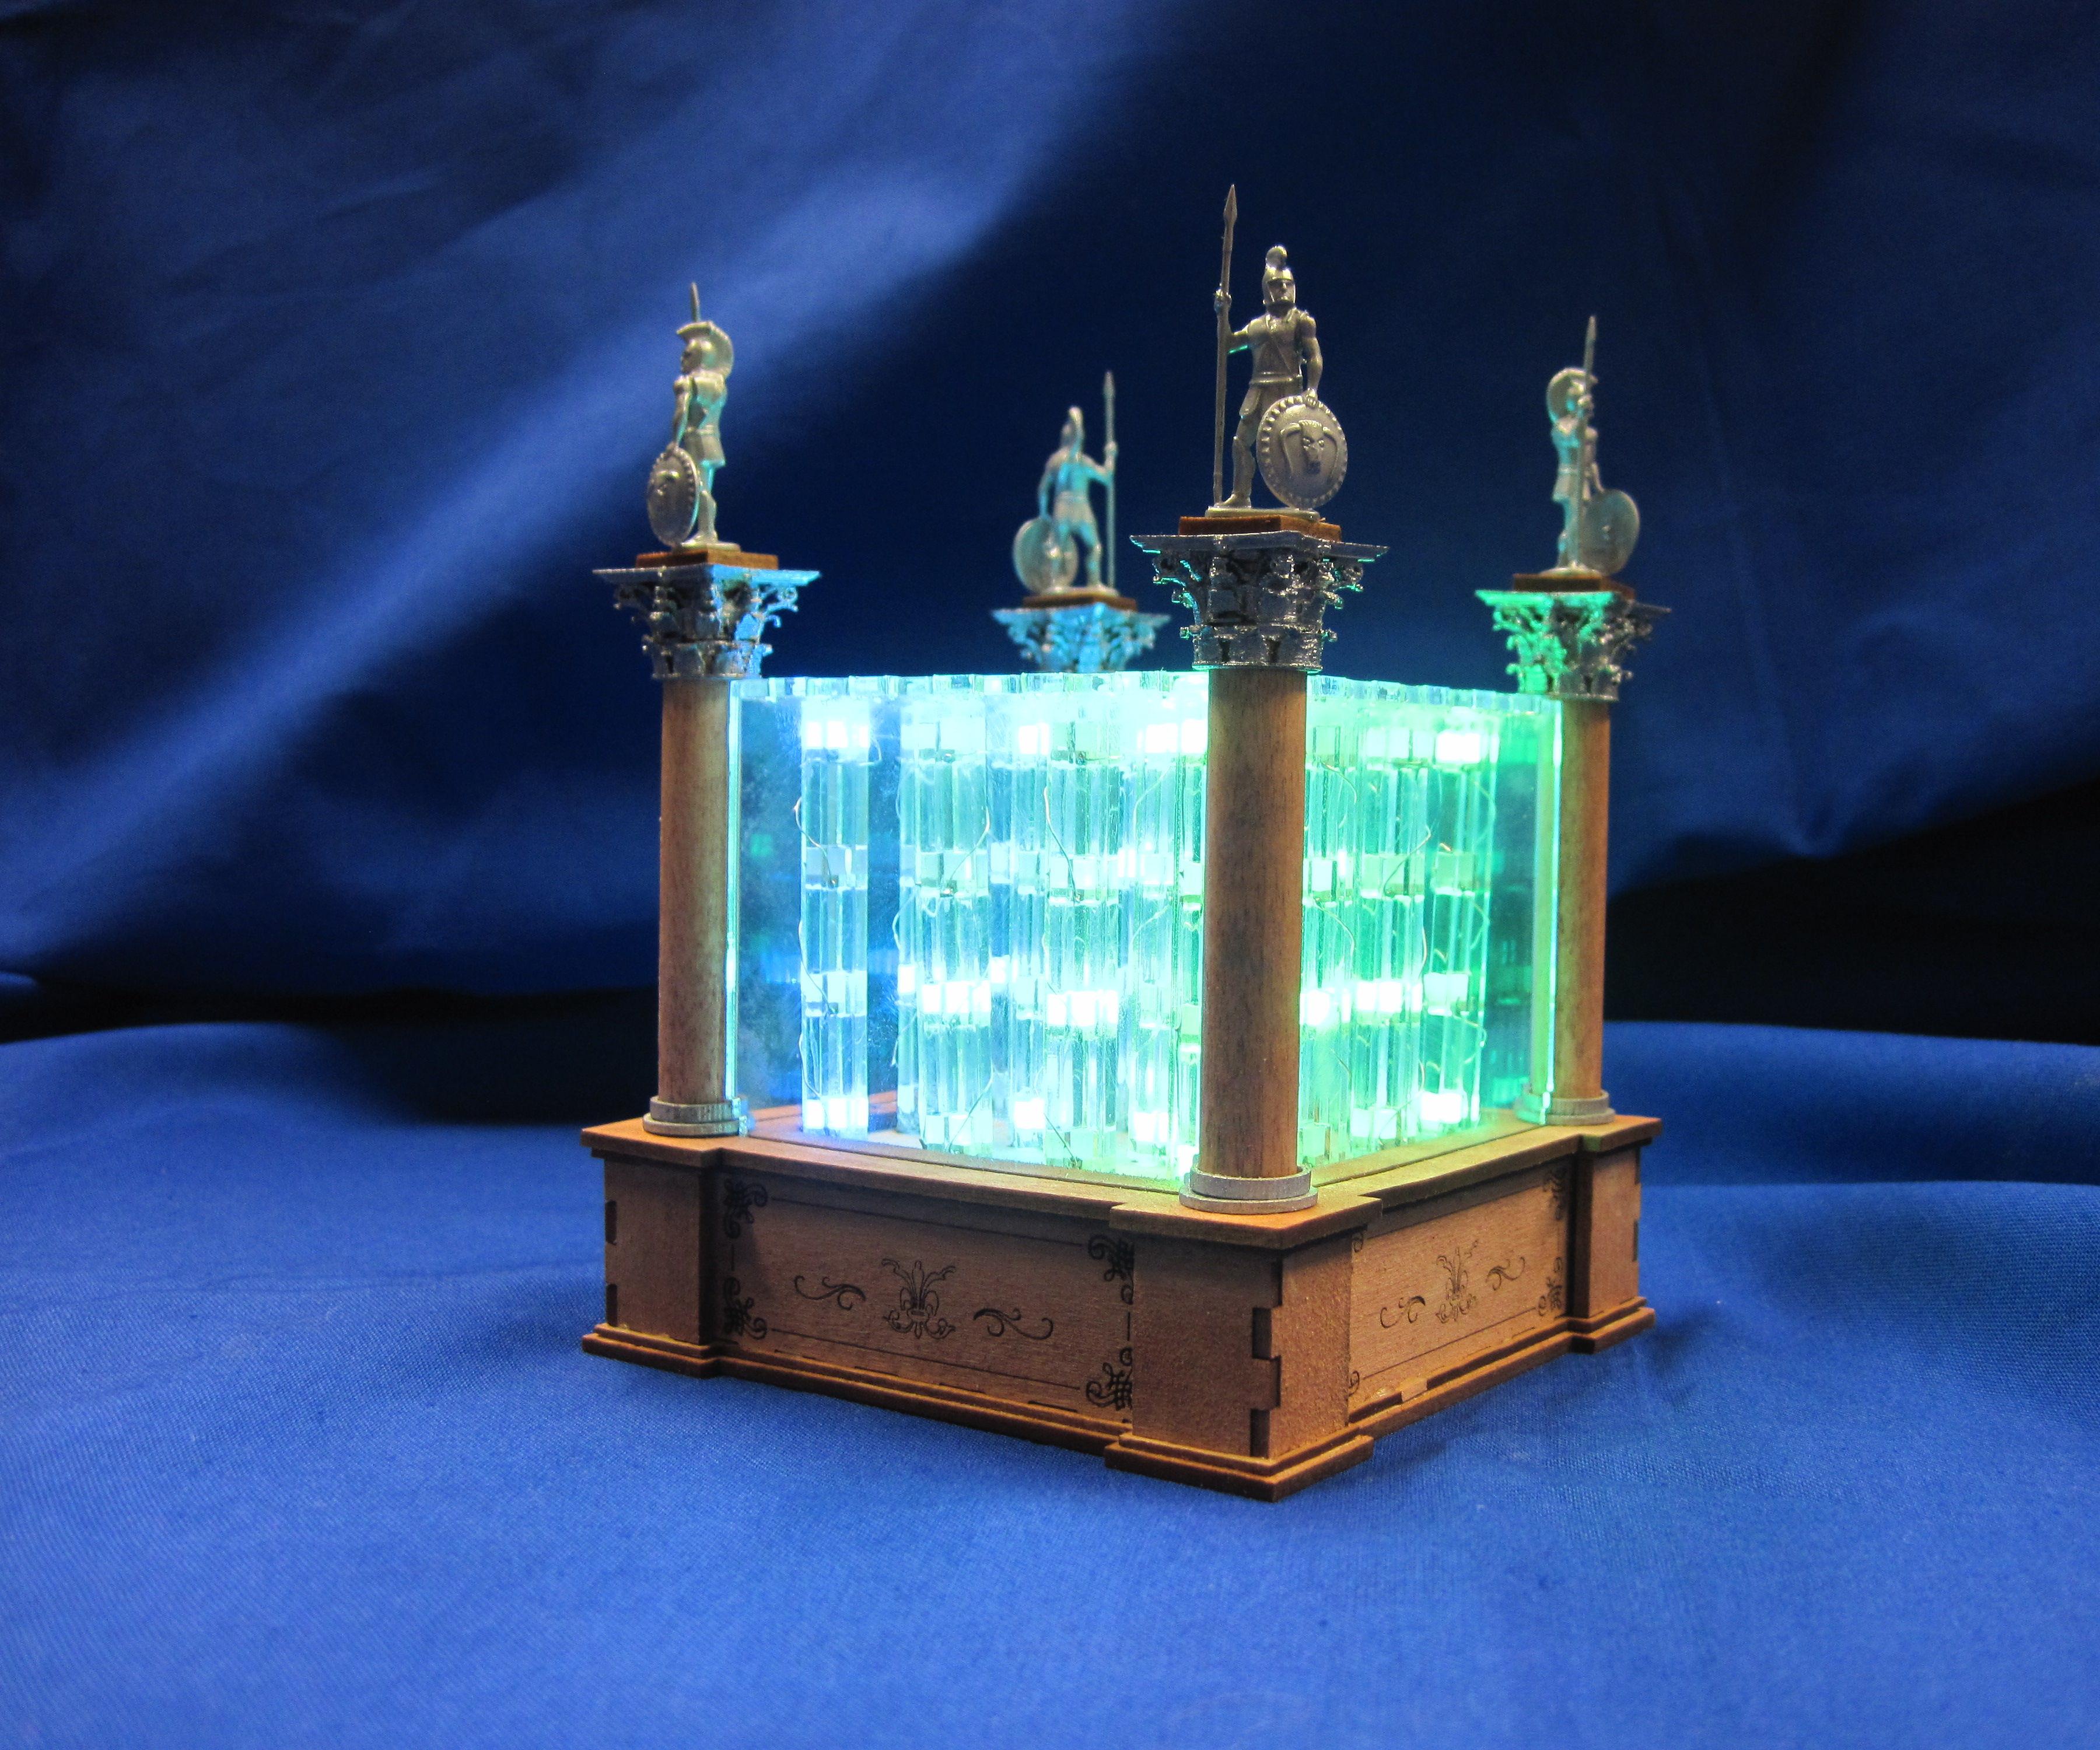 Classic LED Cube (sort of :-)